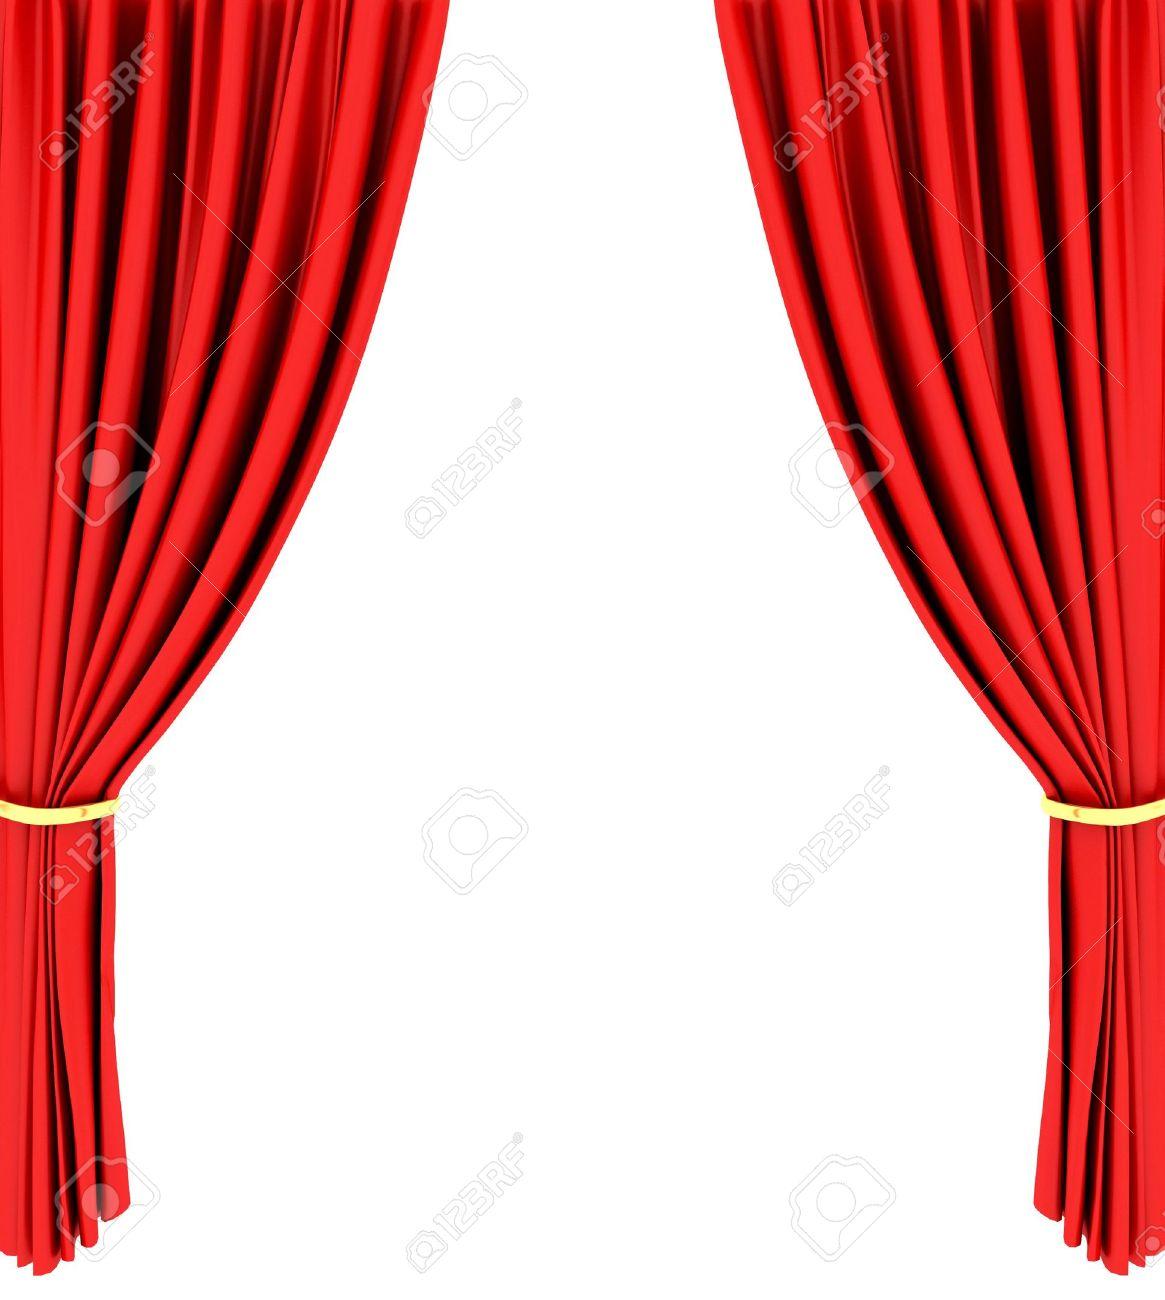 Rode Theater Gordijn Geïsoleerd Op Witte Achtergrond Royalty-Vrije ...